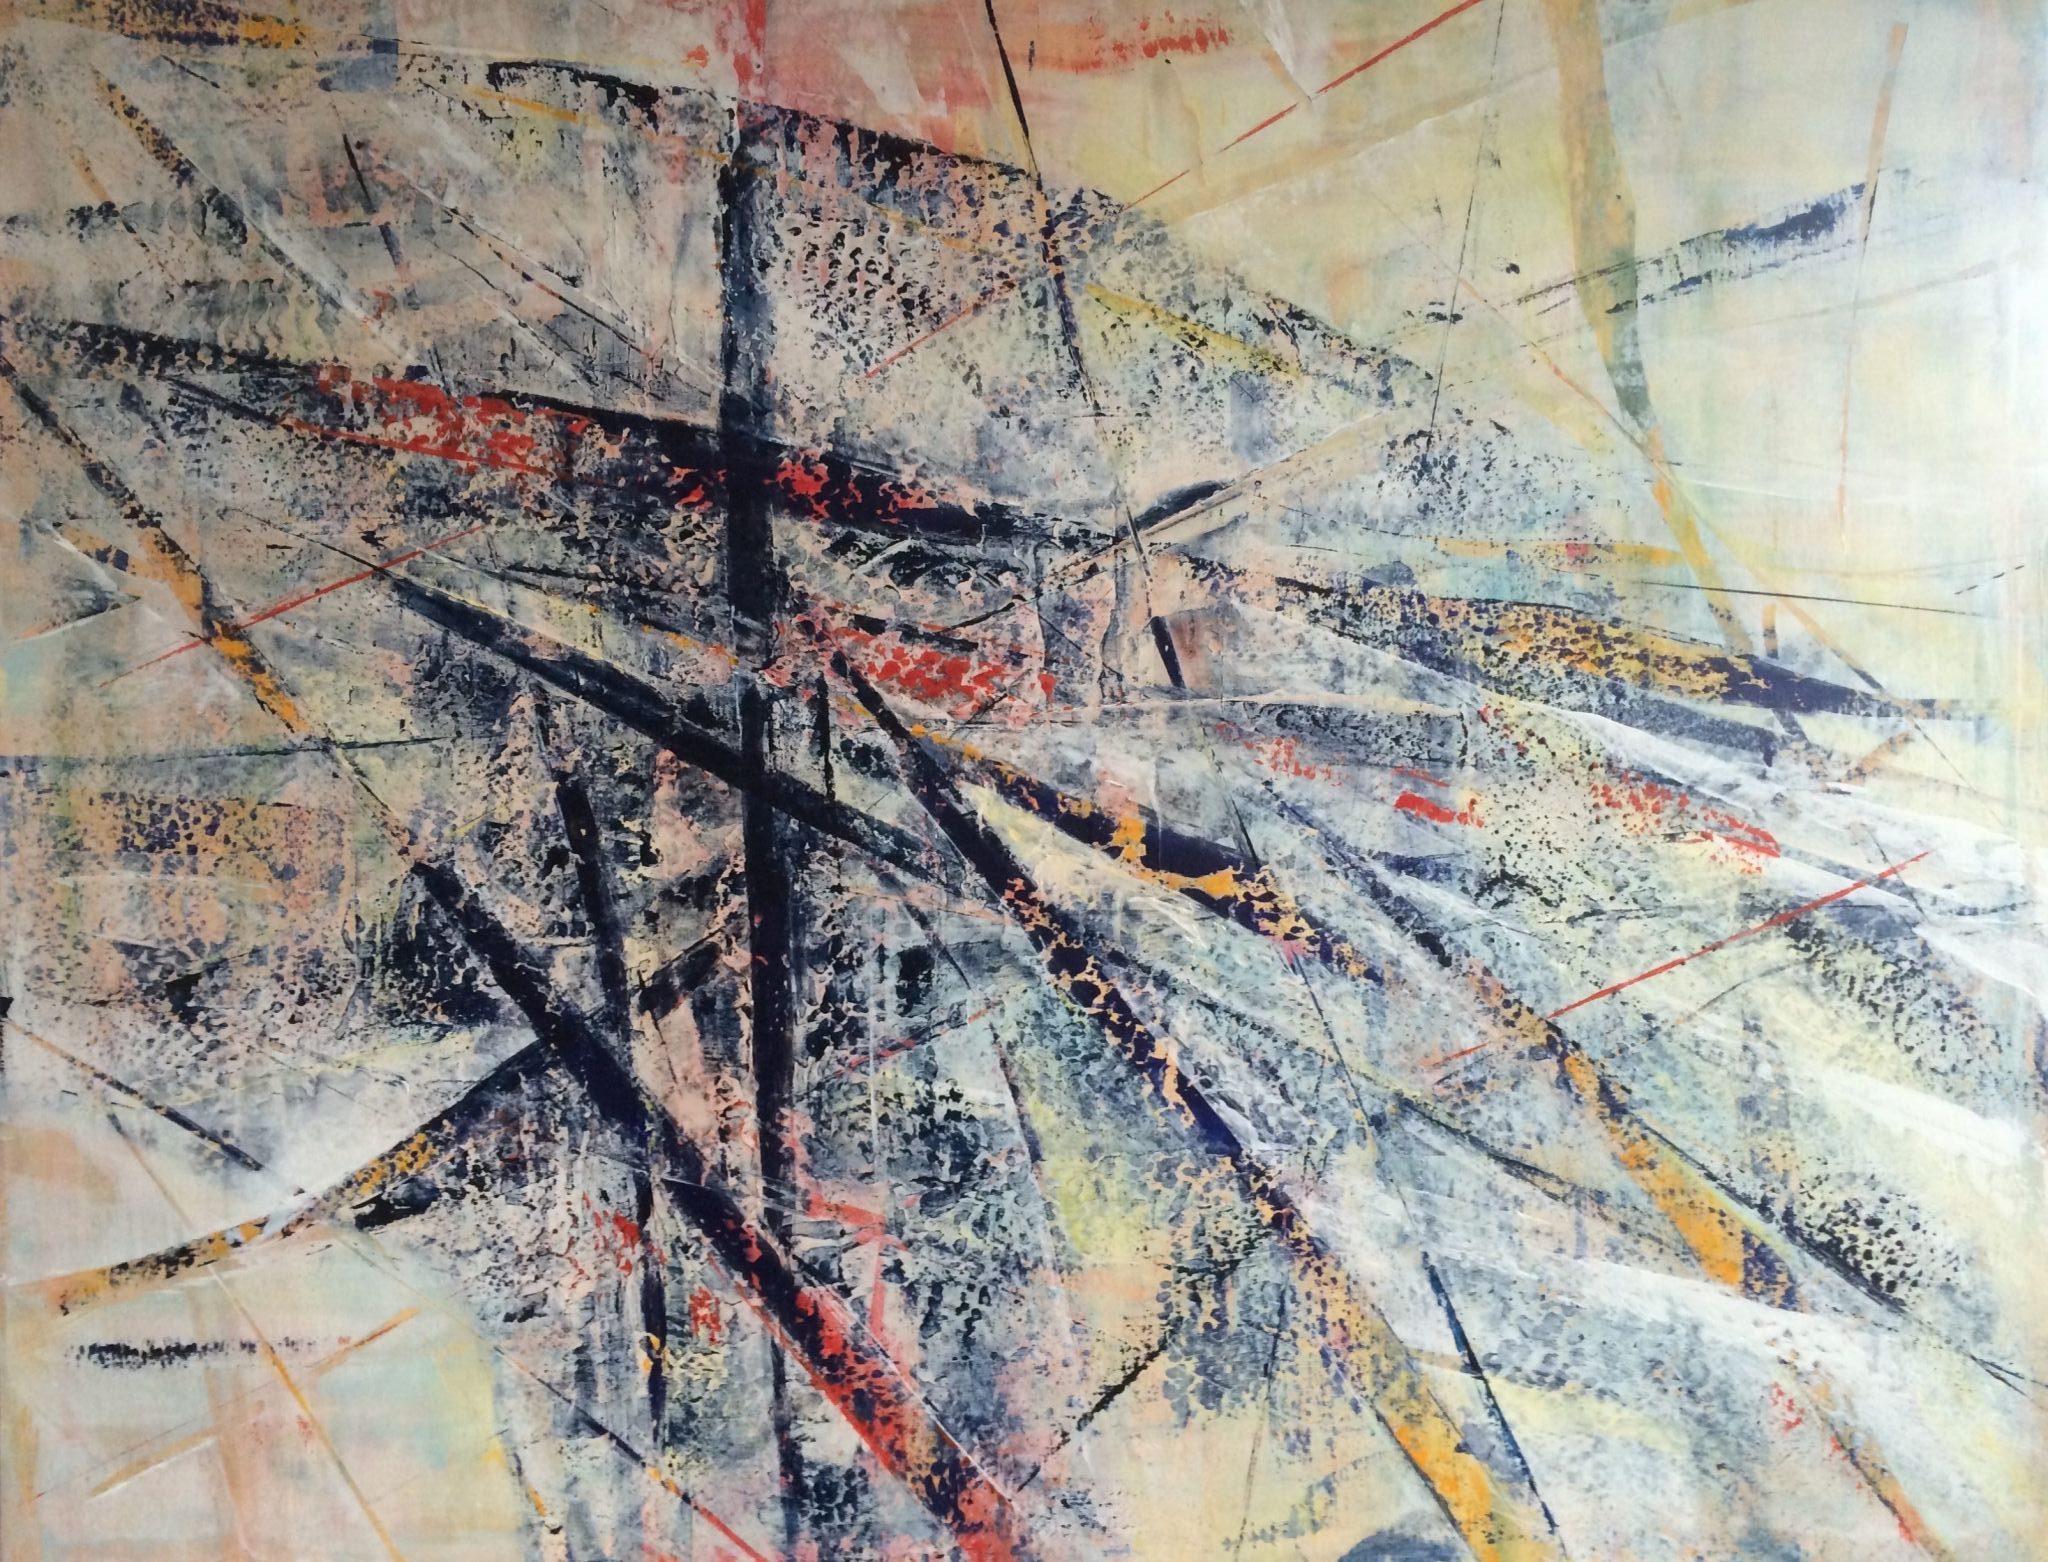 blízko rozuzlení, 120/100 cm, 2015, akryl na plátně